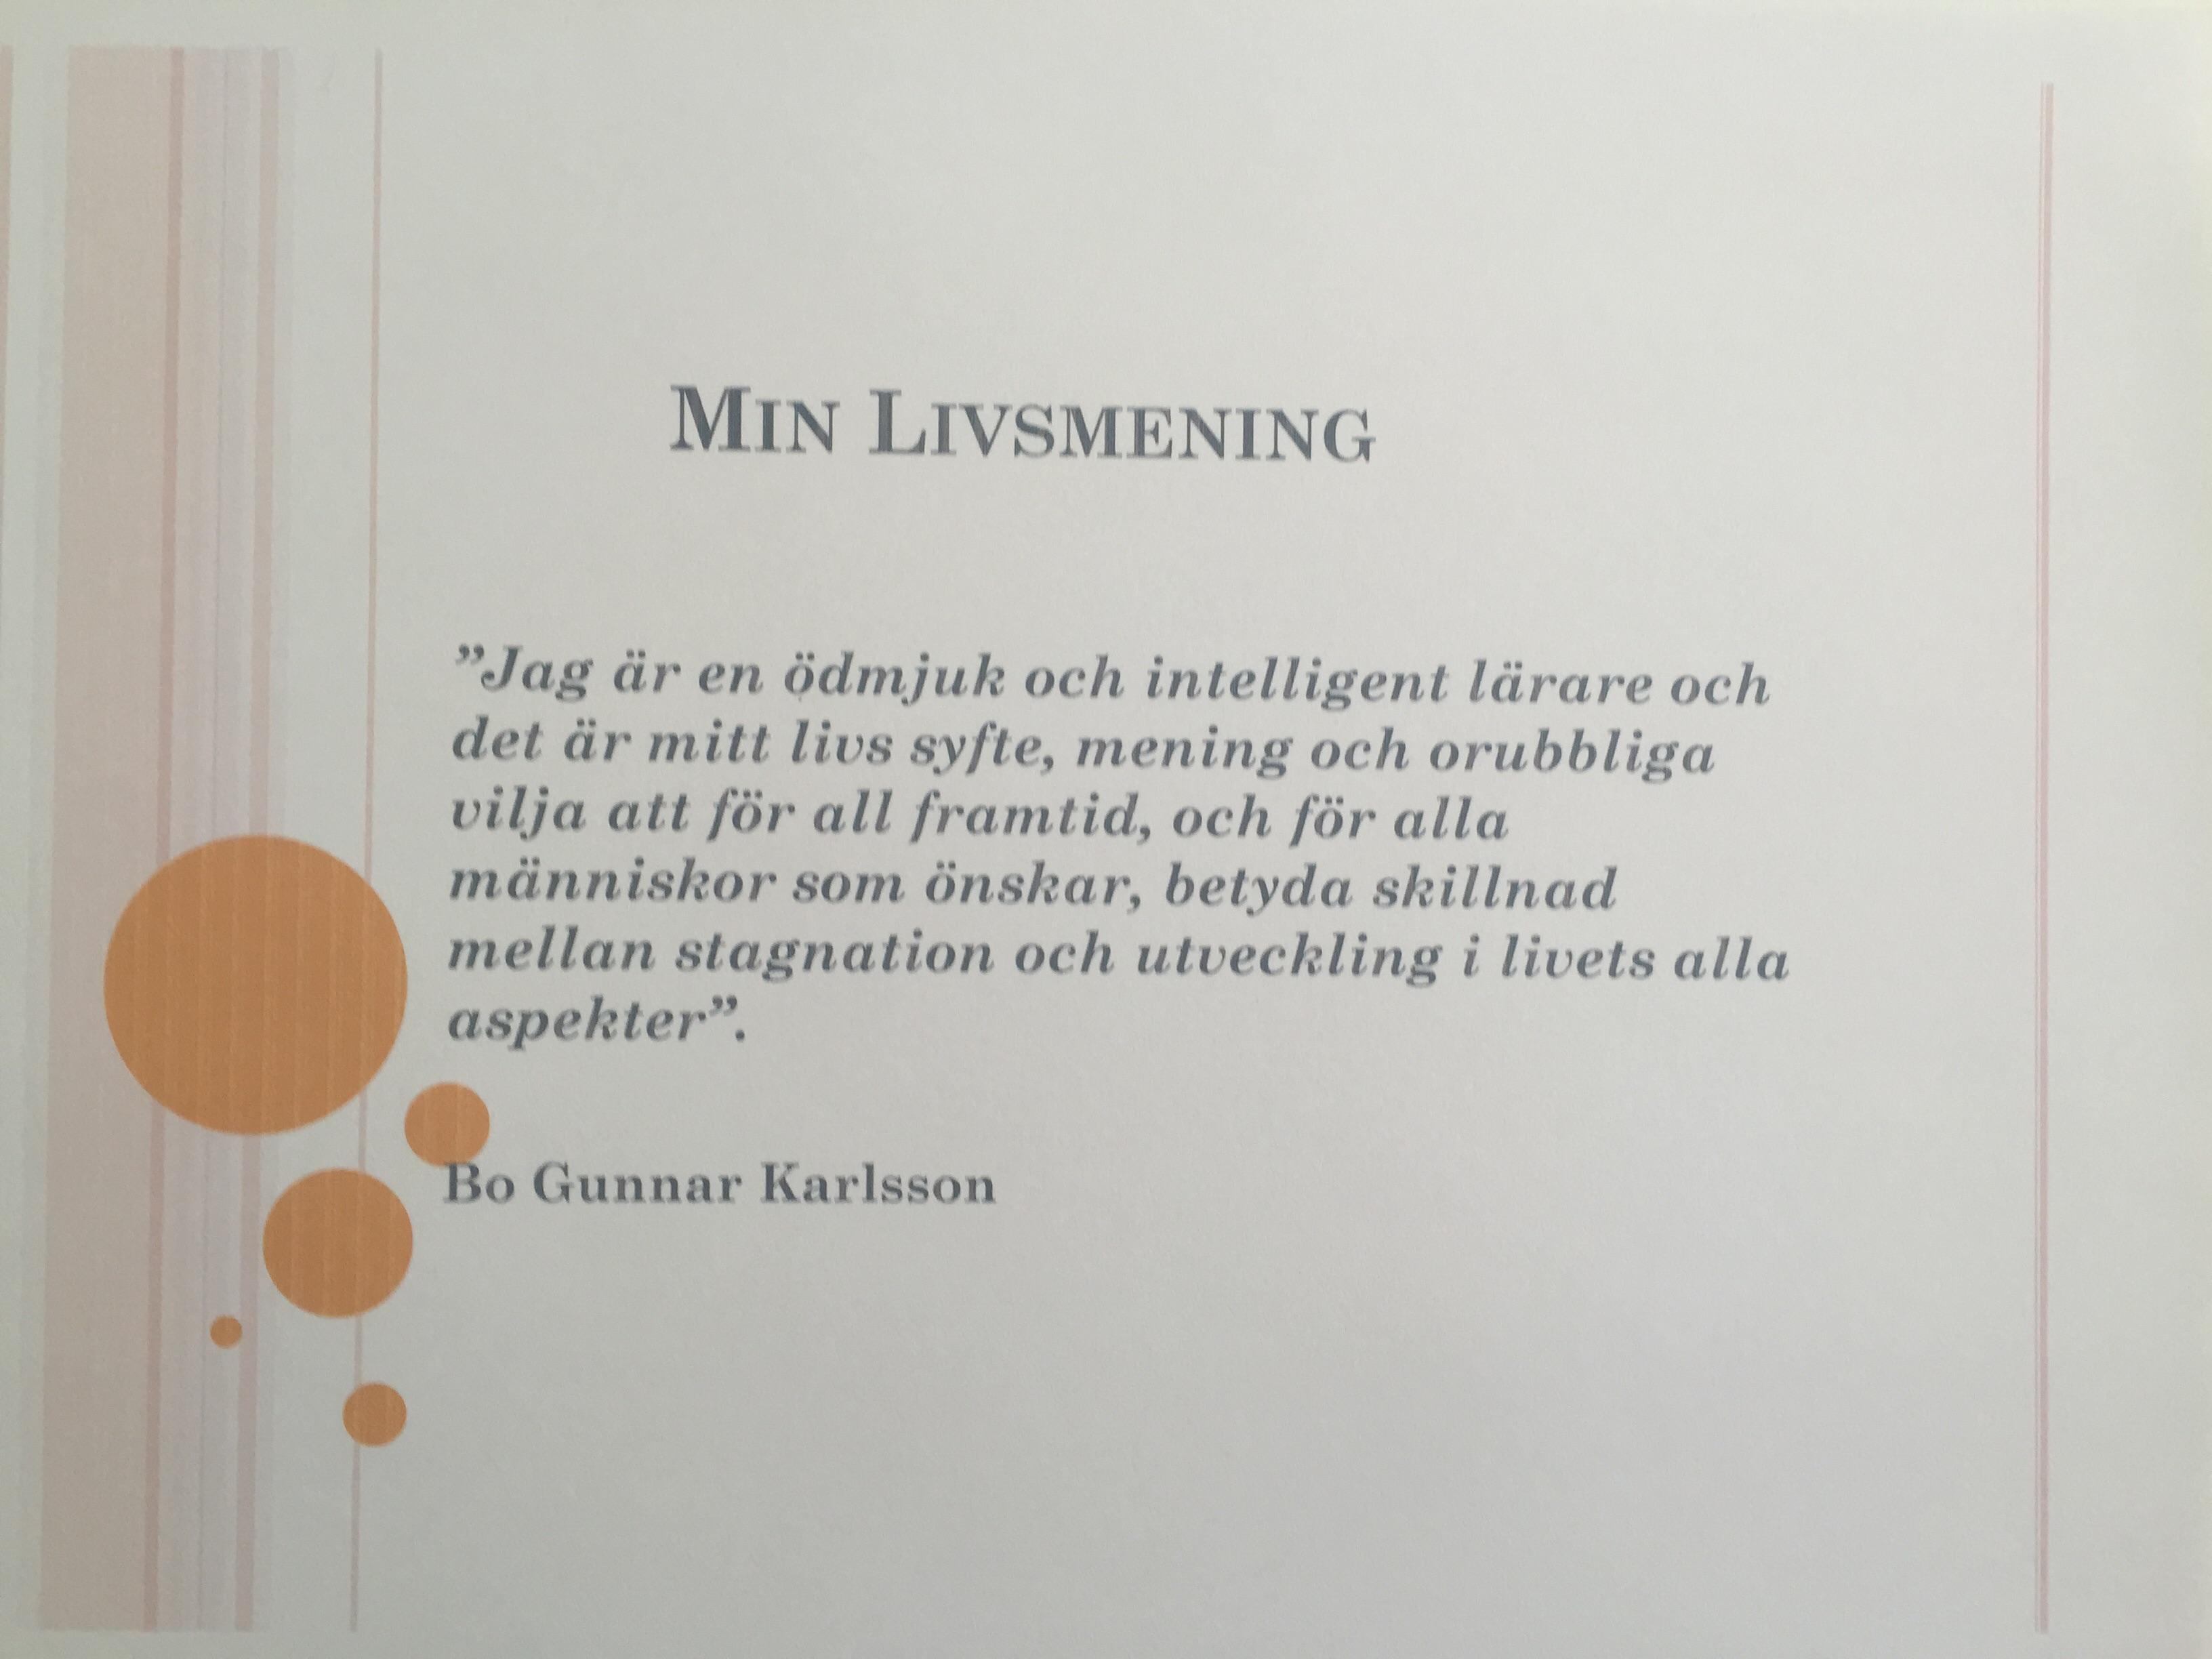 Livsmening